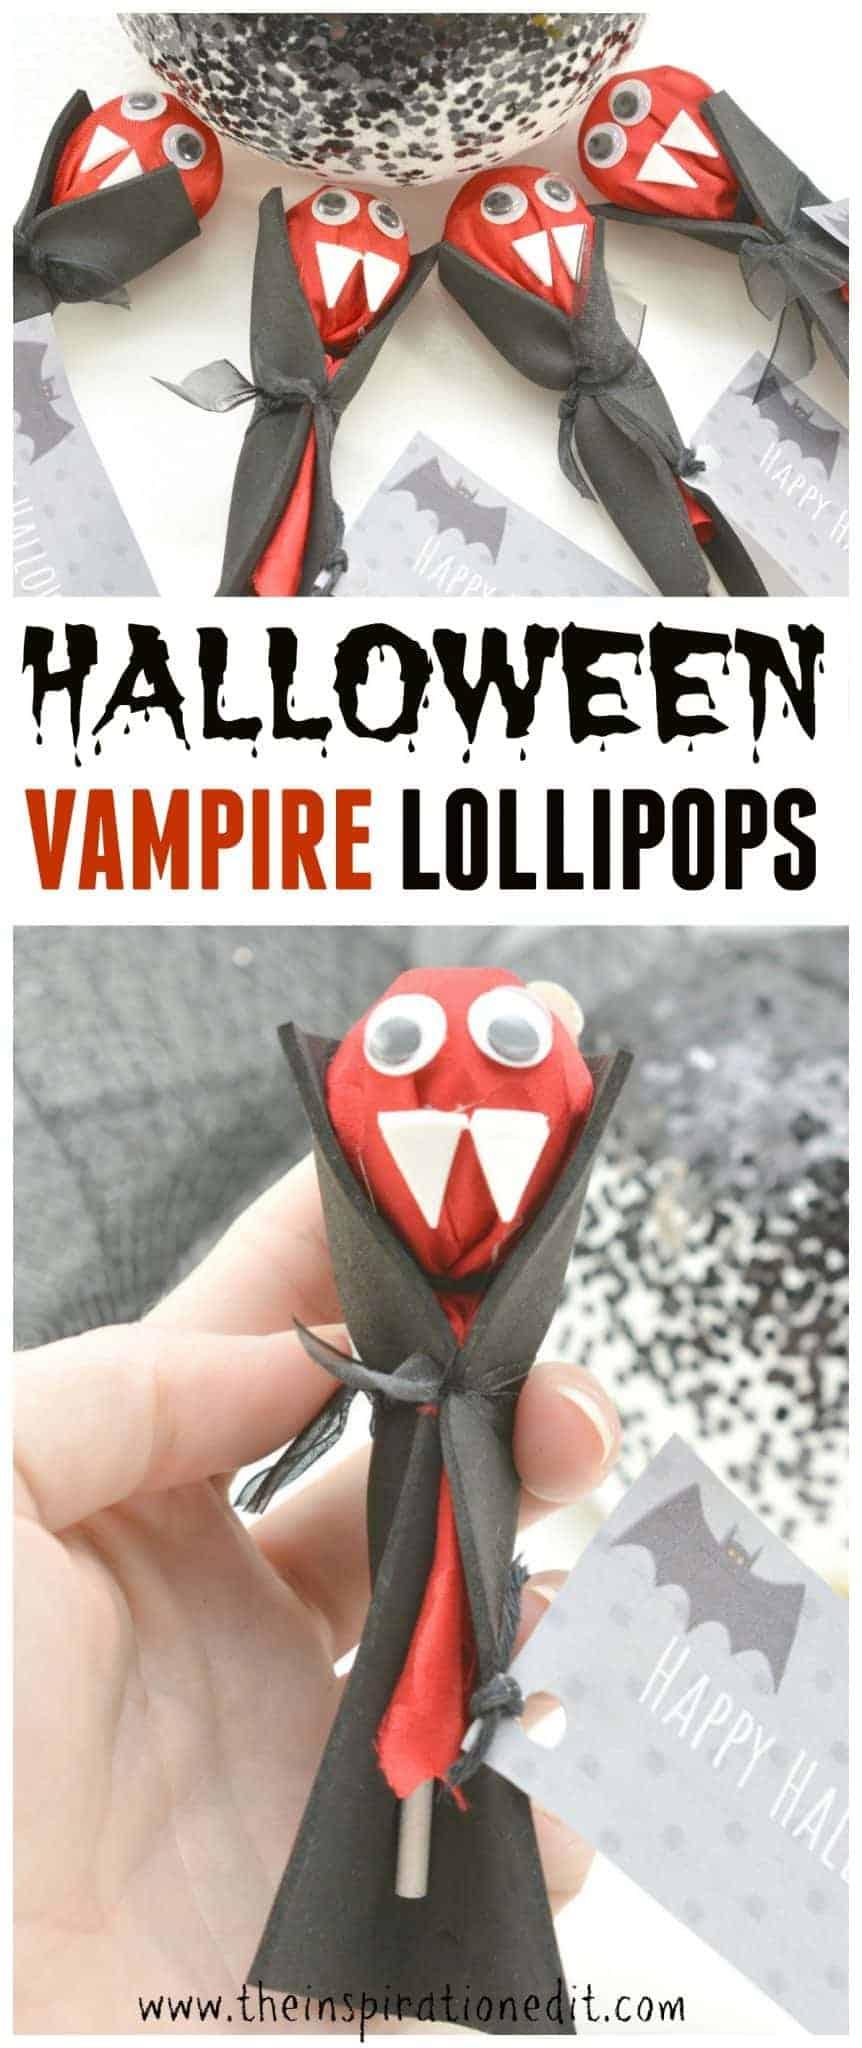 DIY Vampire Lollipops For Halloween